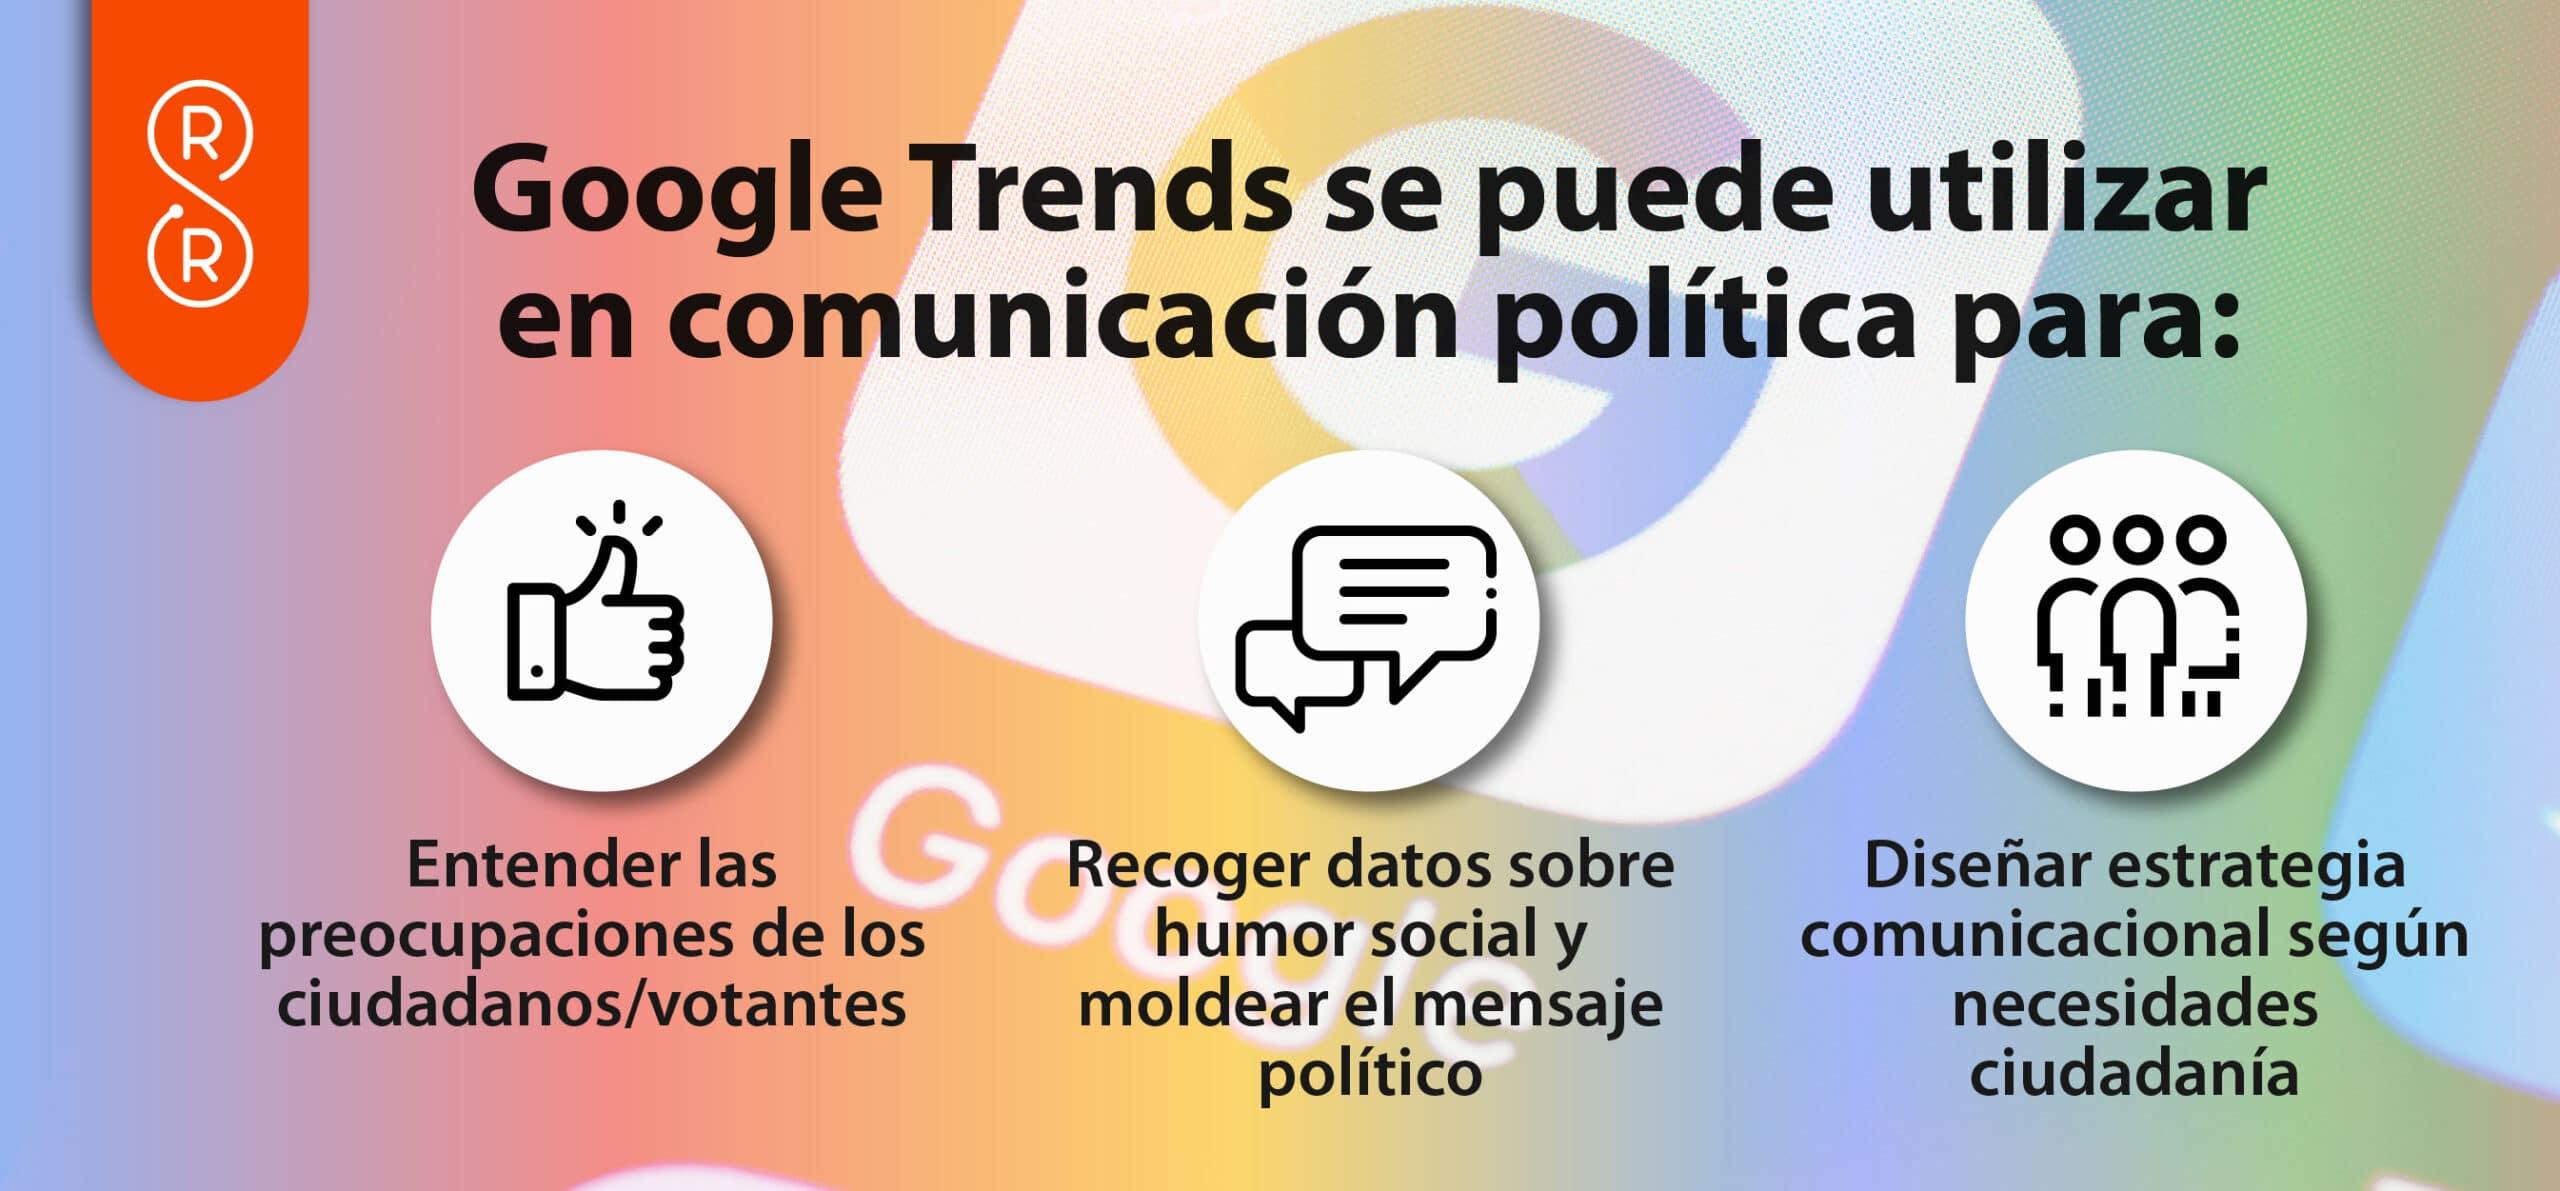 Google Trends en comunicación política